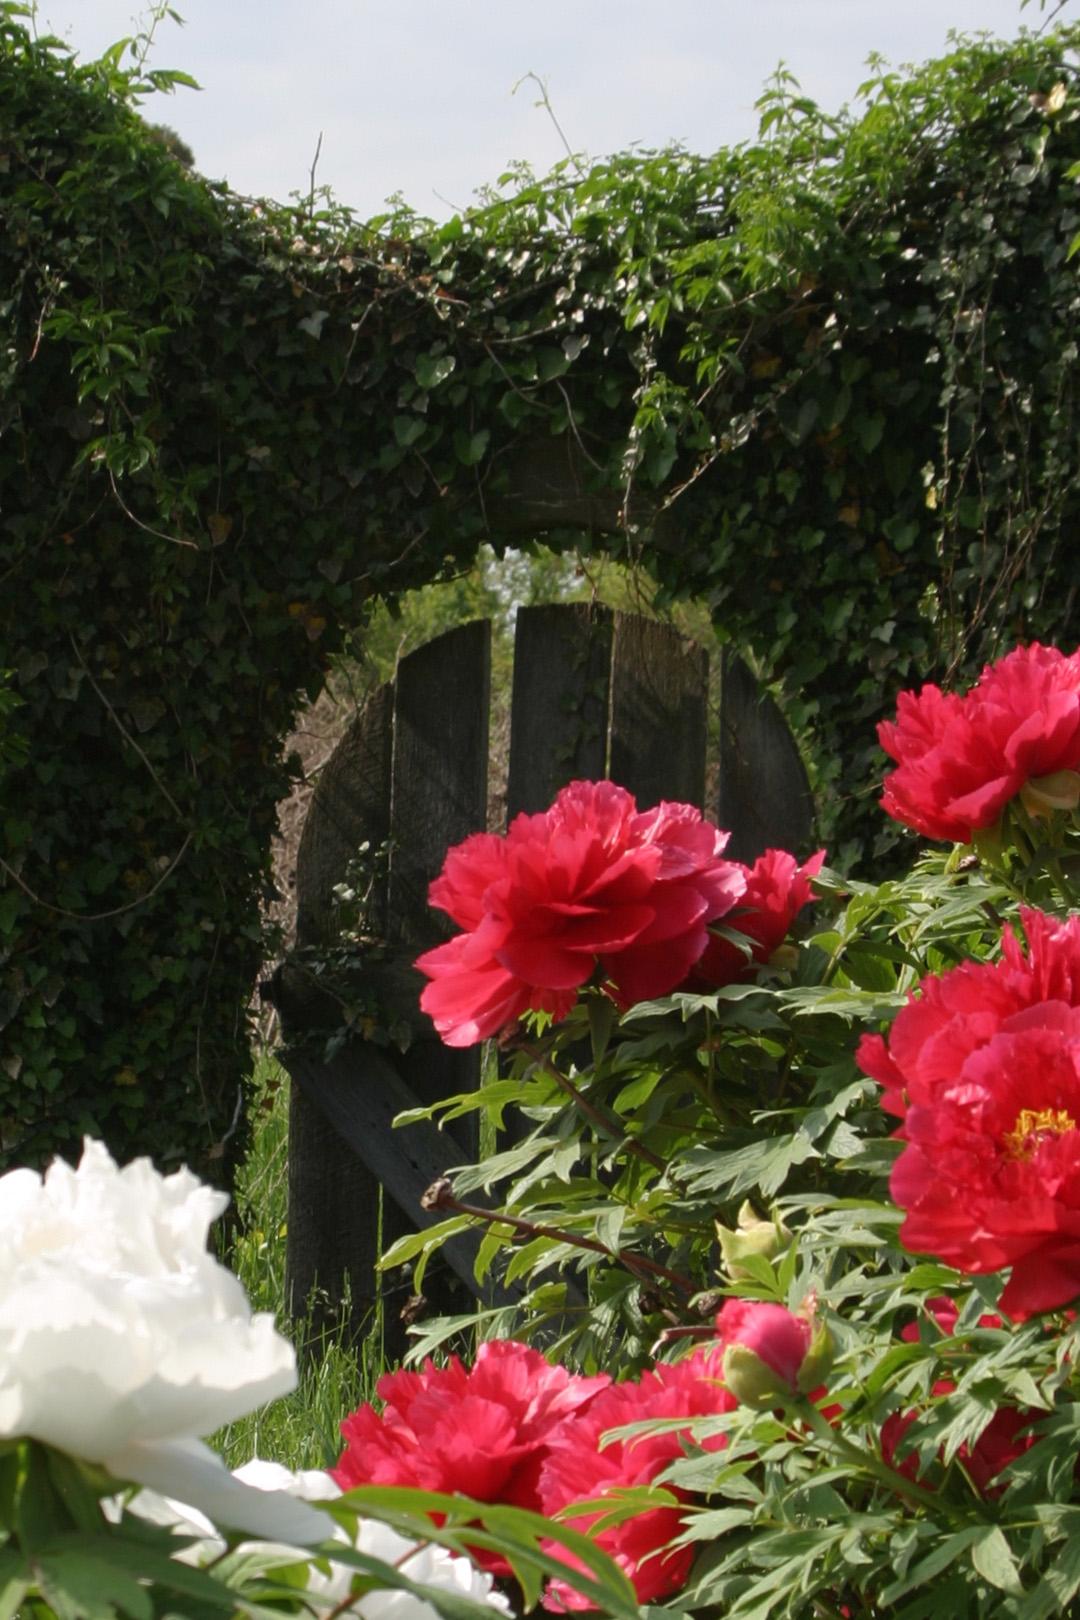 Ivy Gate & Tree Peonies